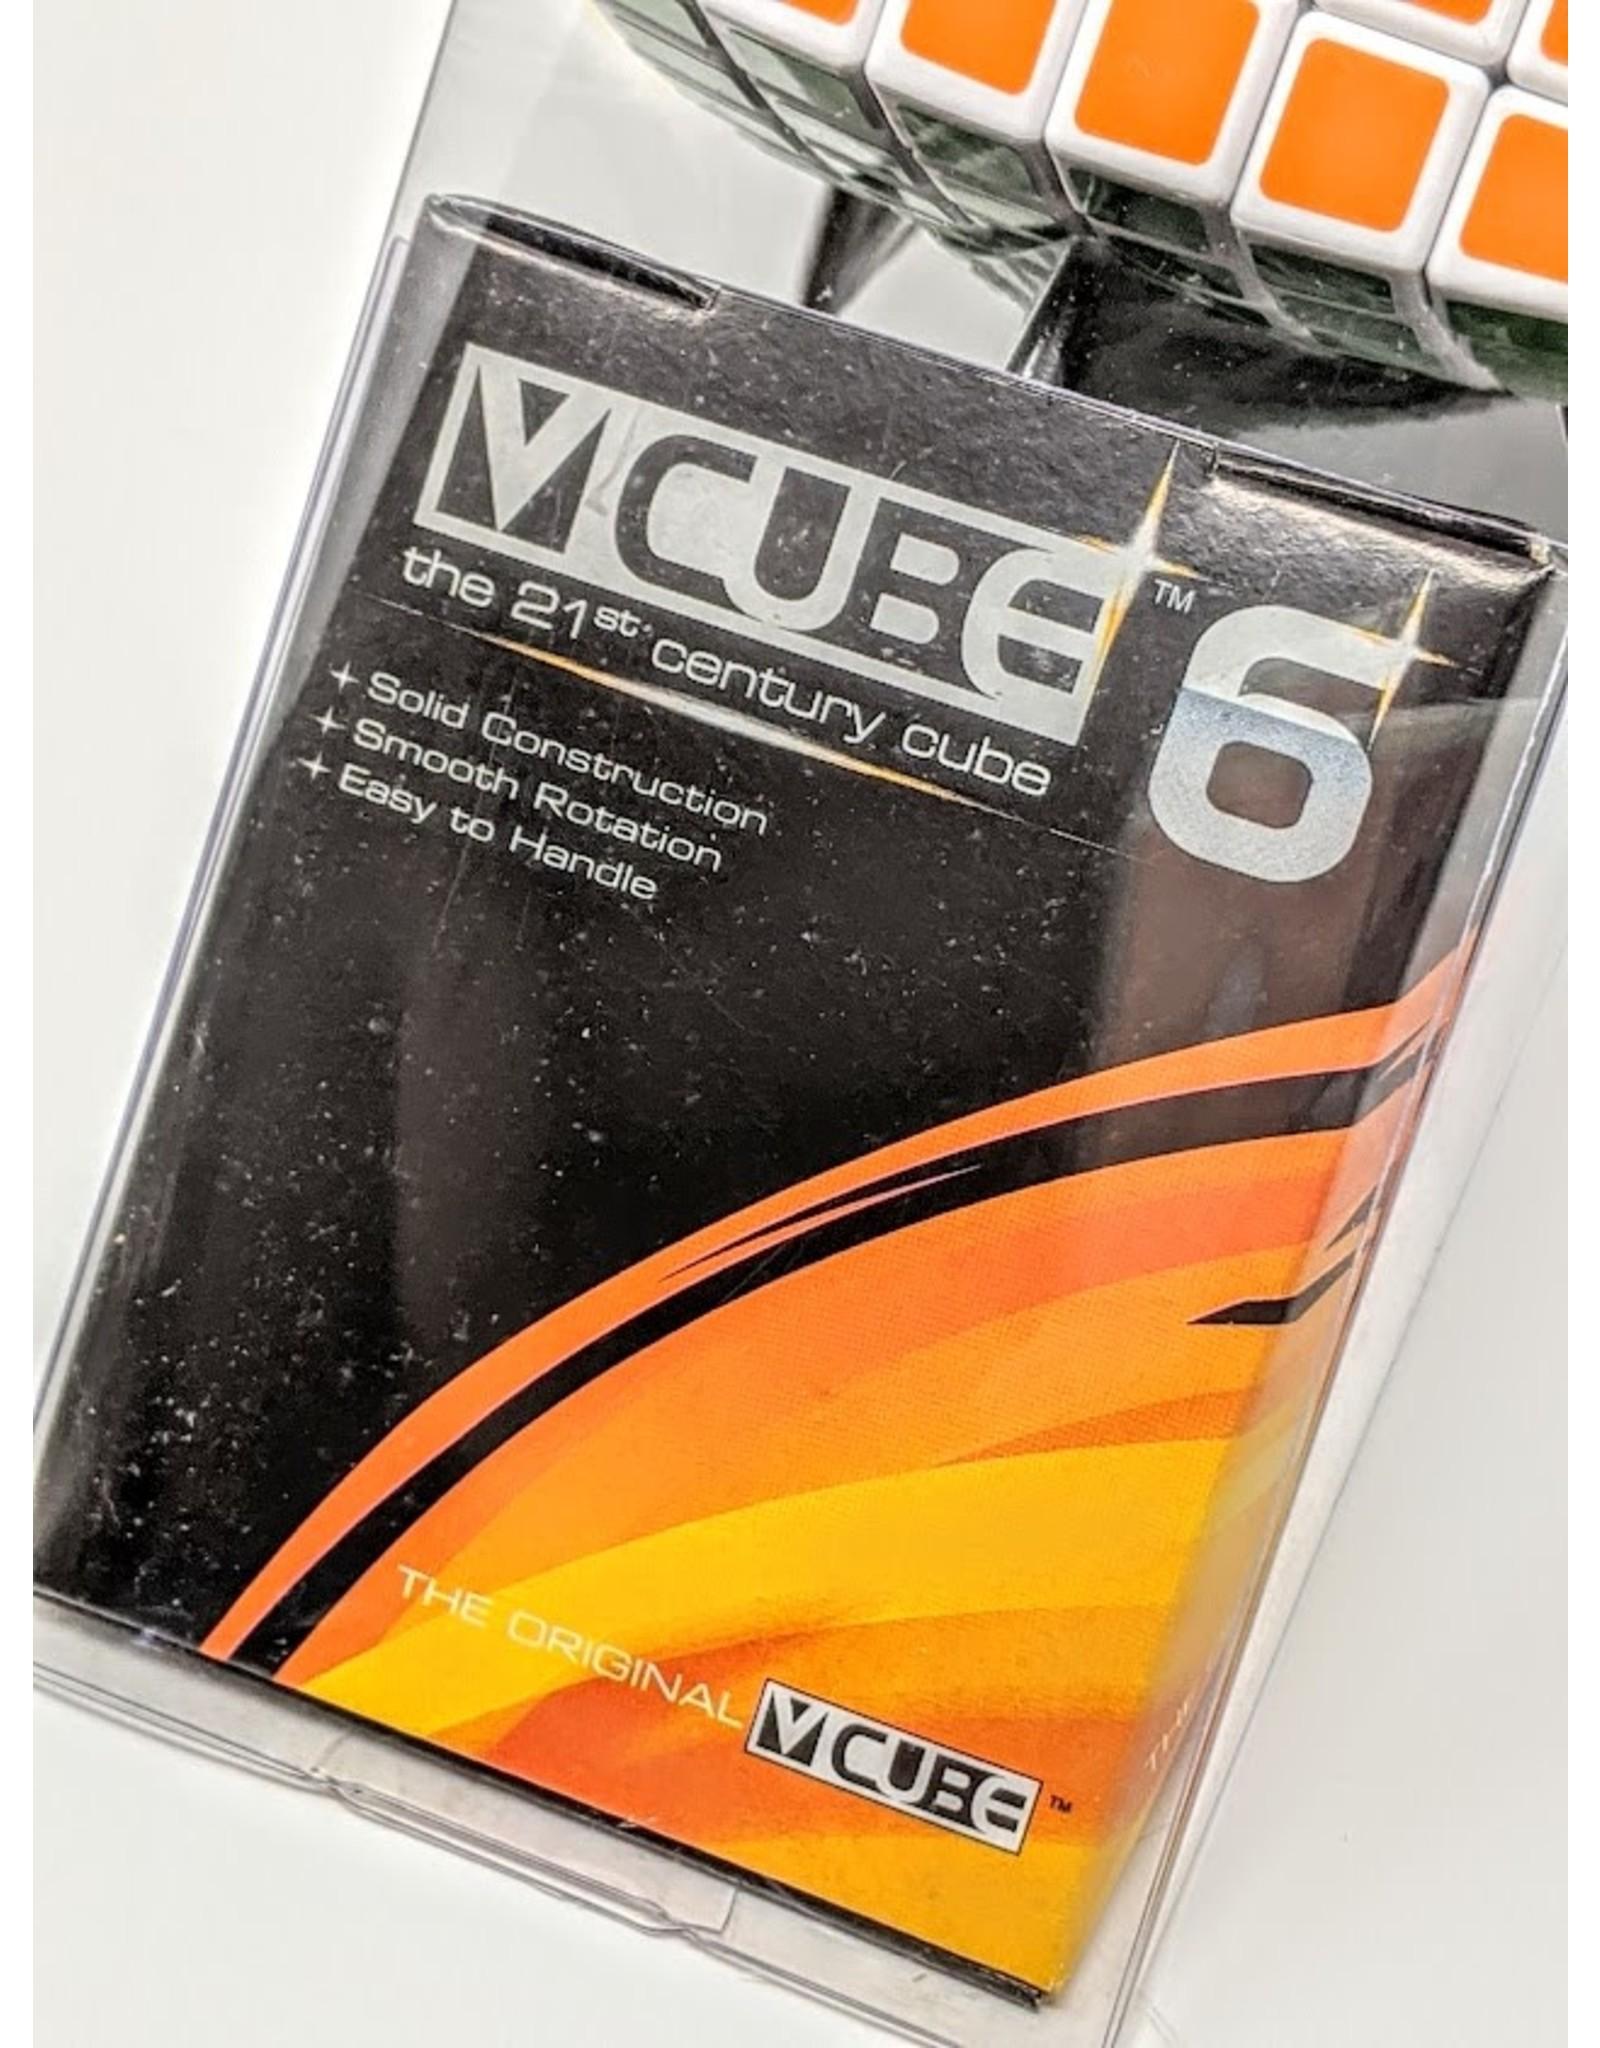 V-Cube 6 Pillowed